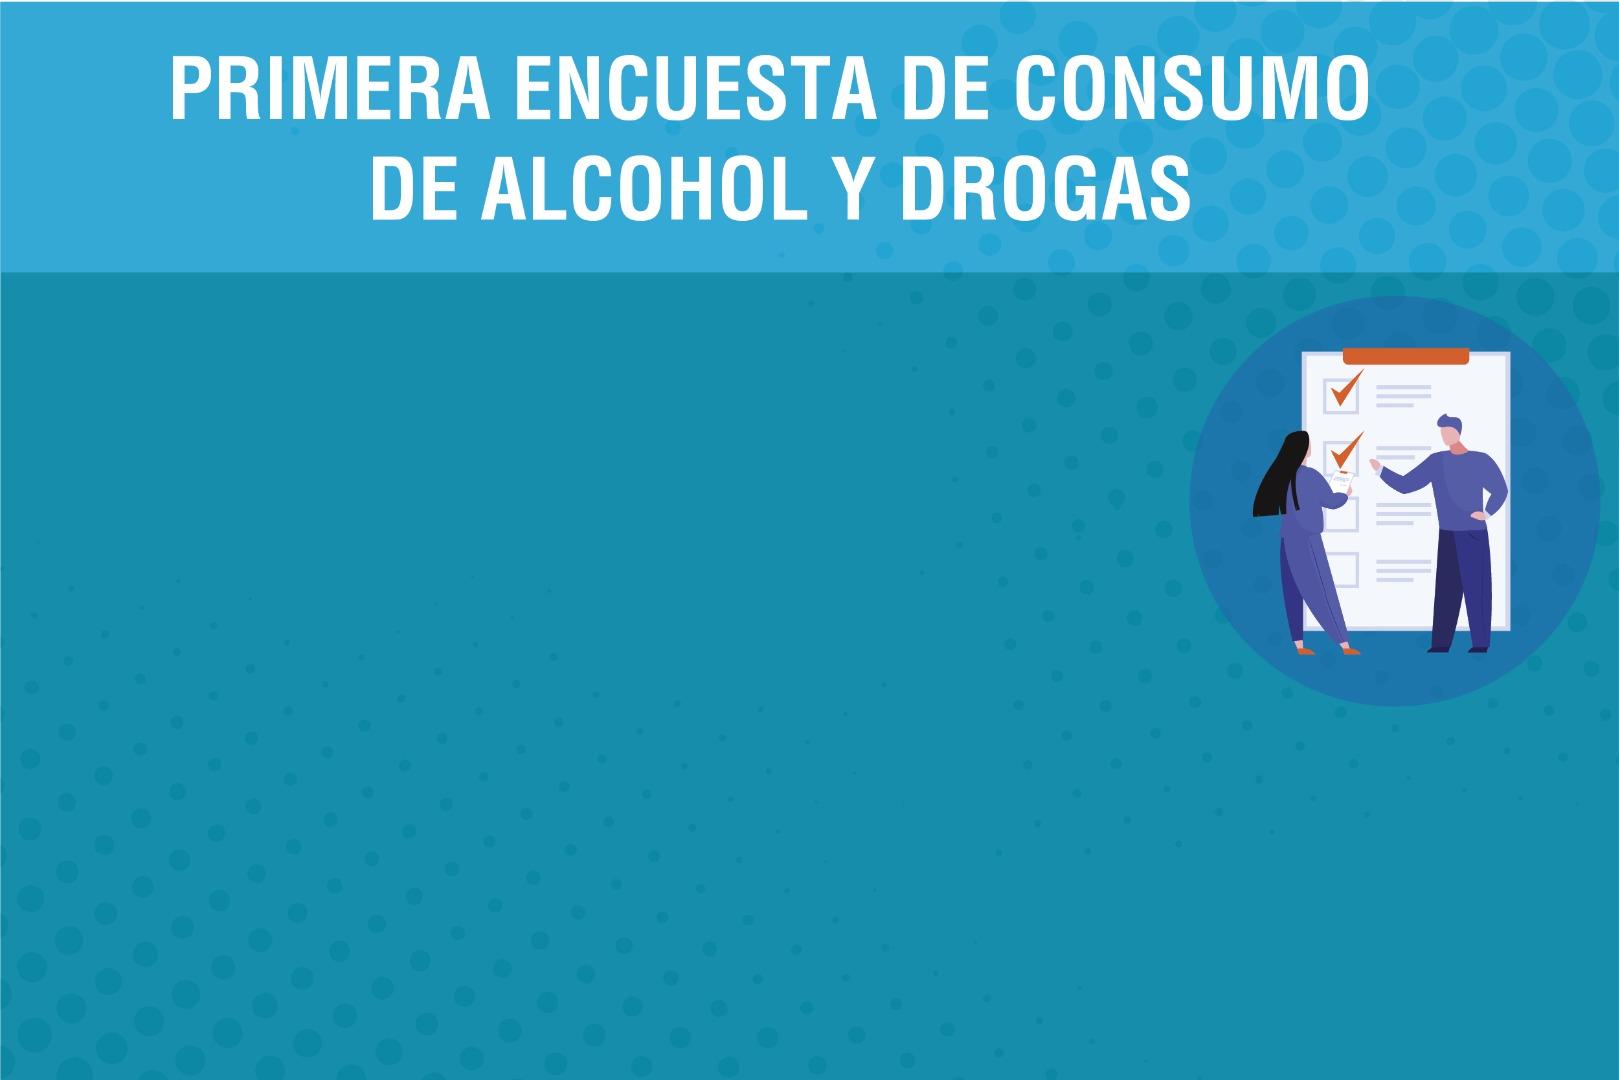 Participa de la primera encuesta sobre consumo de alcohol y drogas